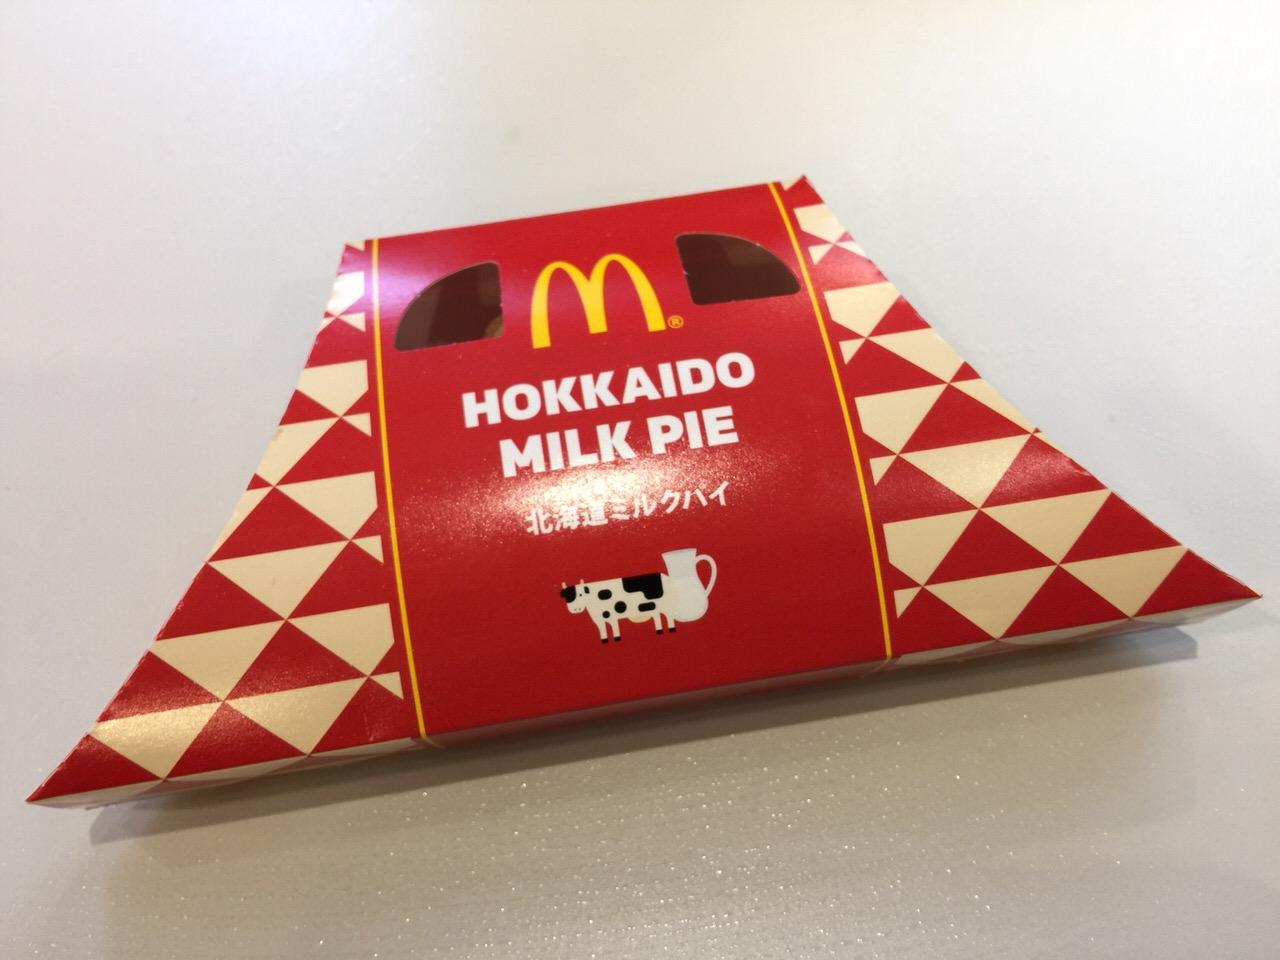 Hokkaido milk pie 2765